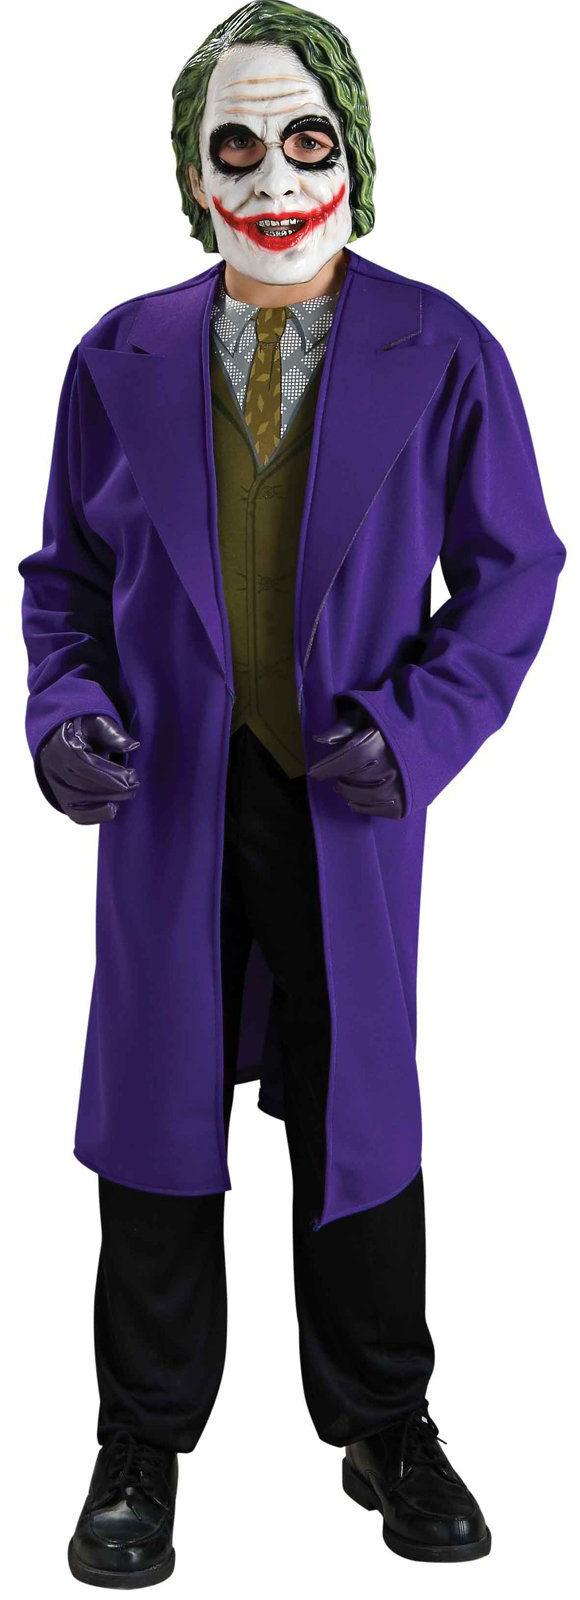 The Joker Costume - Teen  sc 1 st  Mr. Costumes & The Joker Costume - Teen - Mr. Costumes